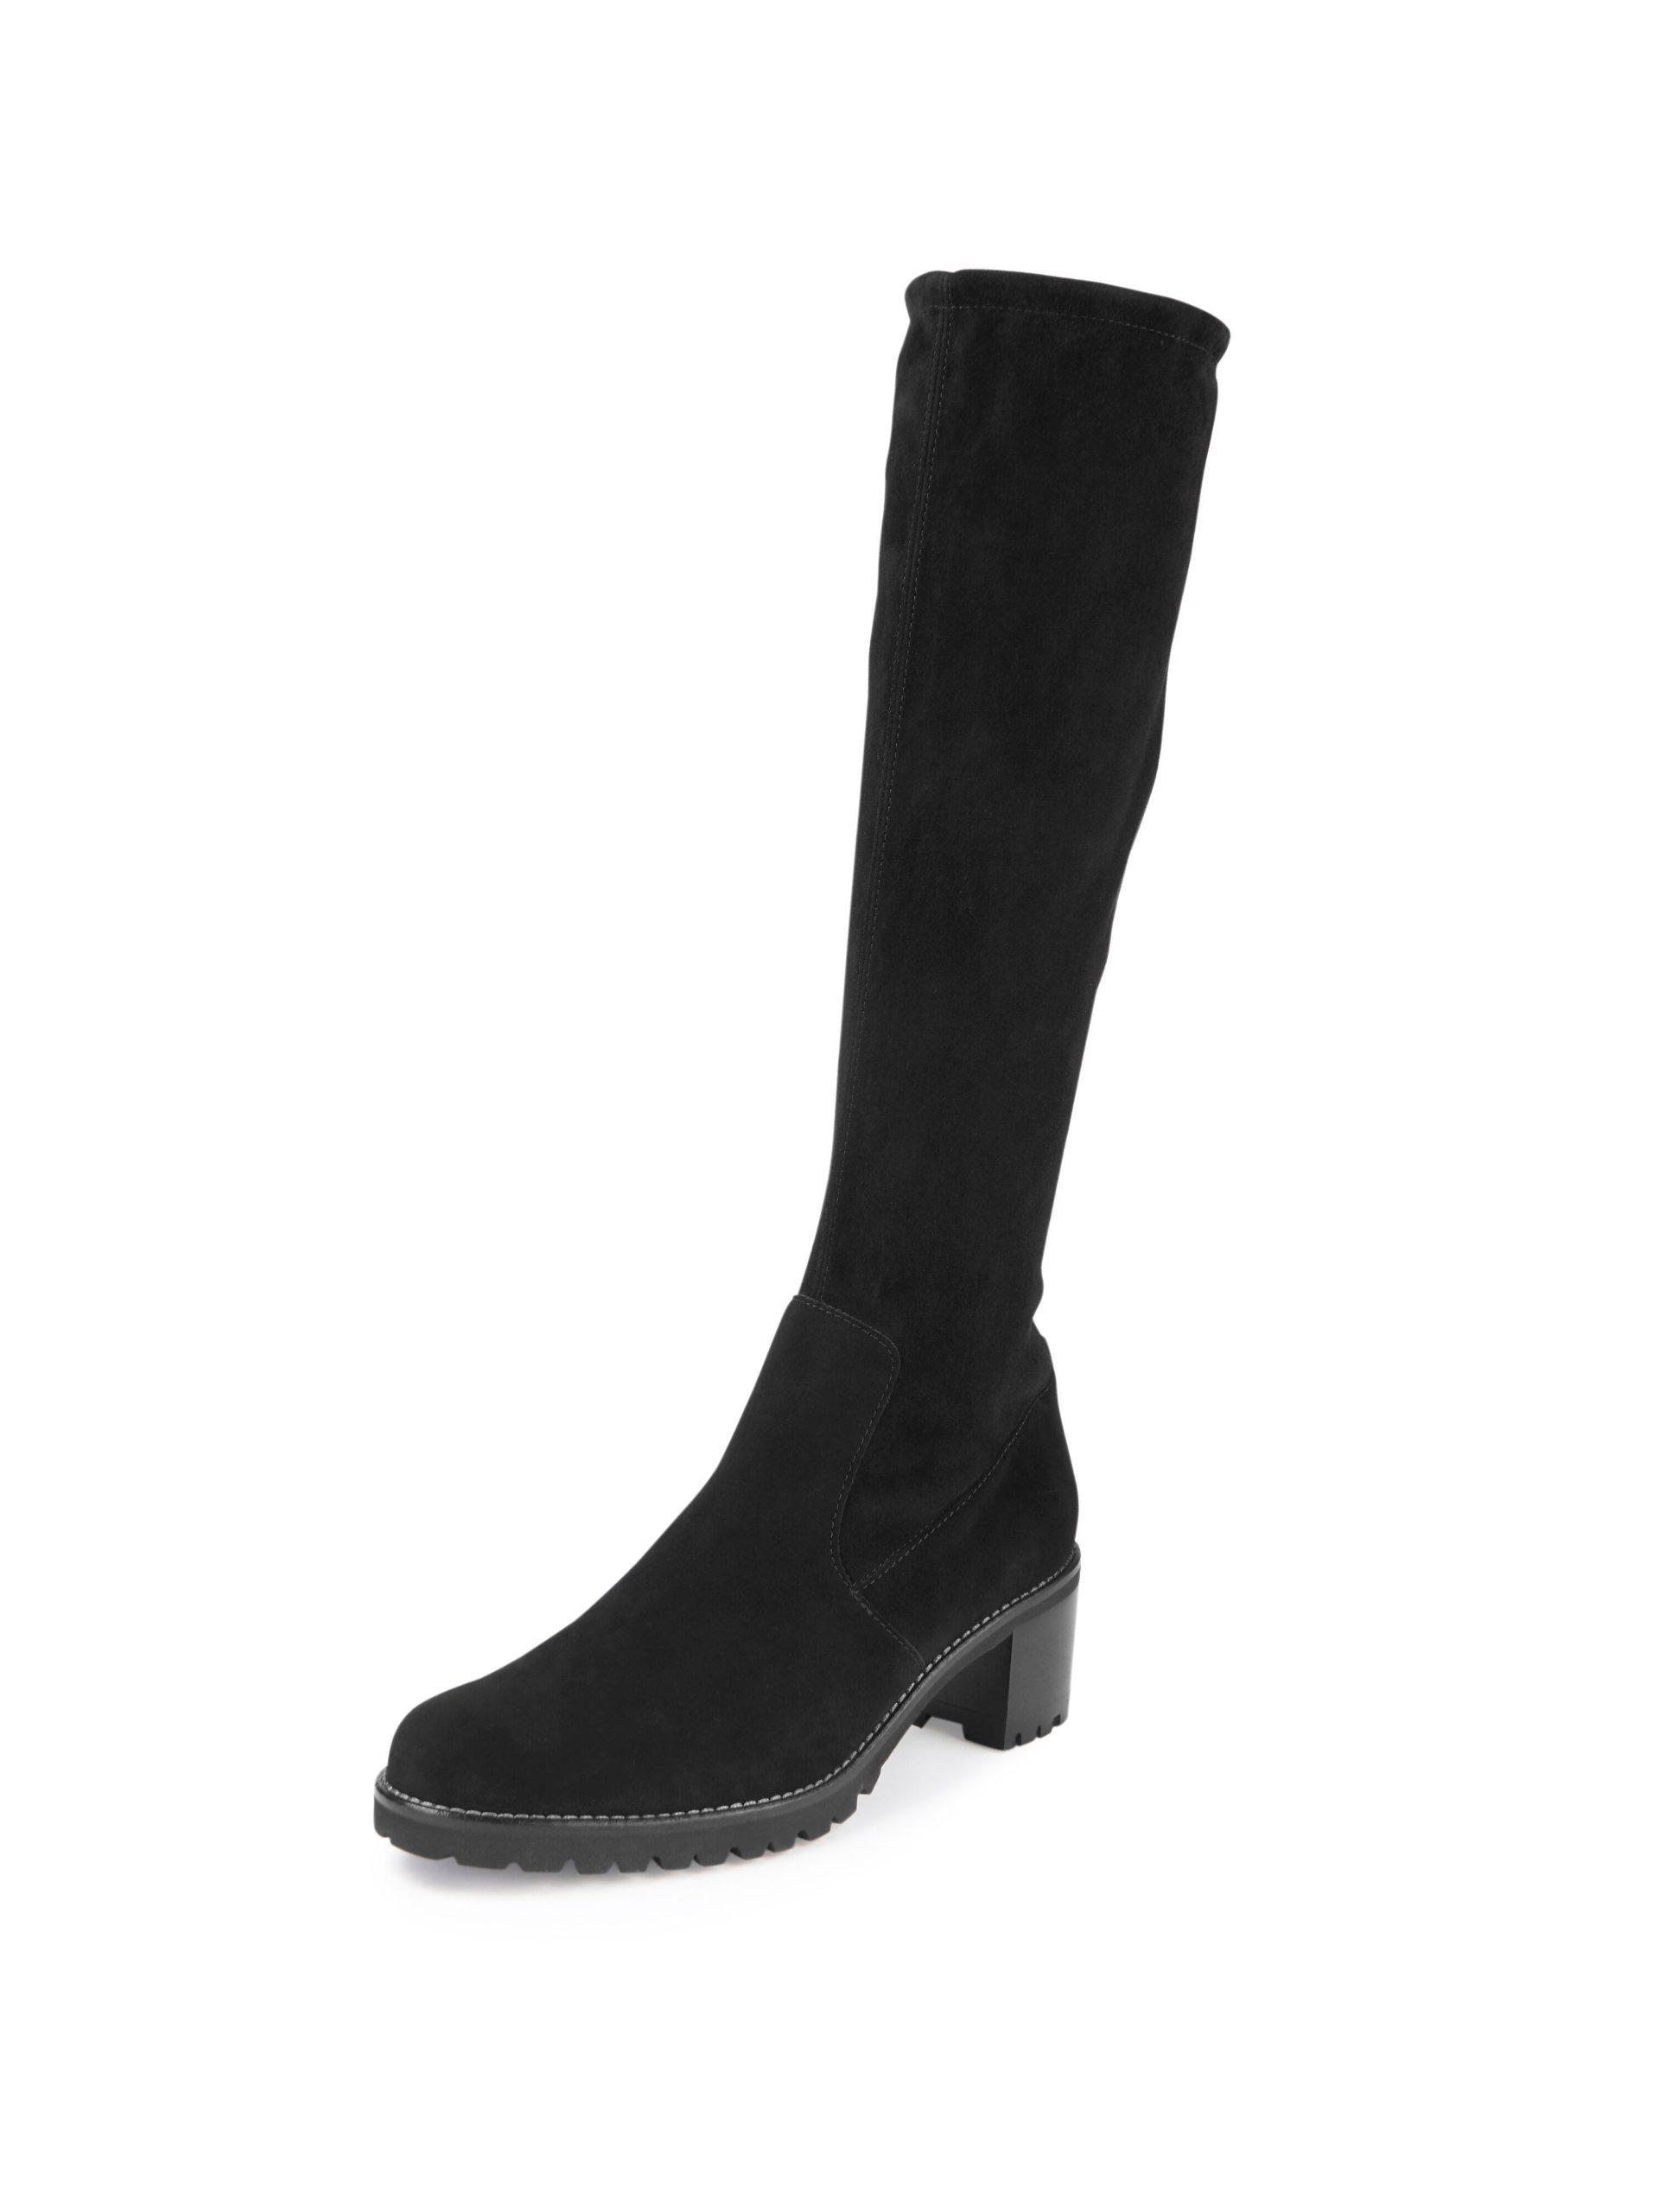 Hoge laarzen Van Peter Kaiser zwart Kopen